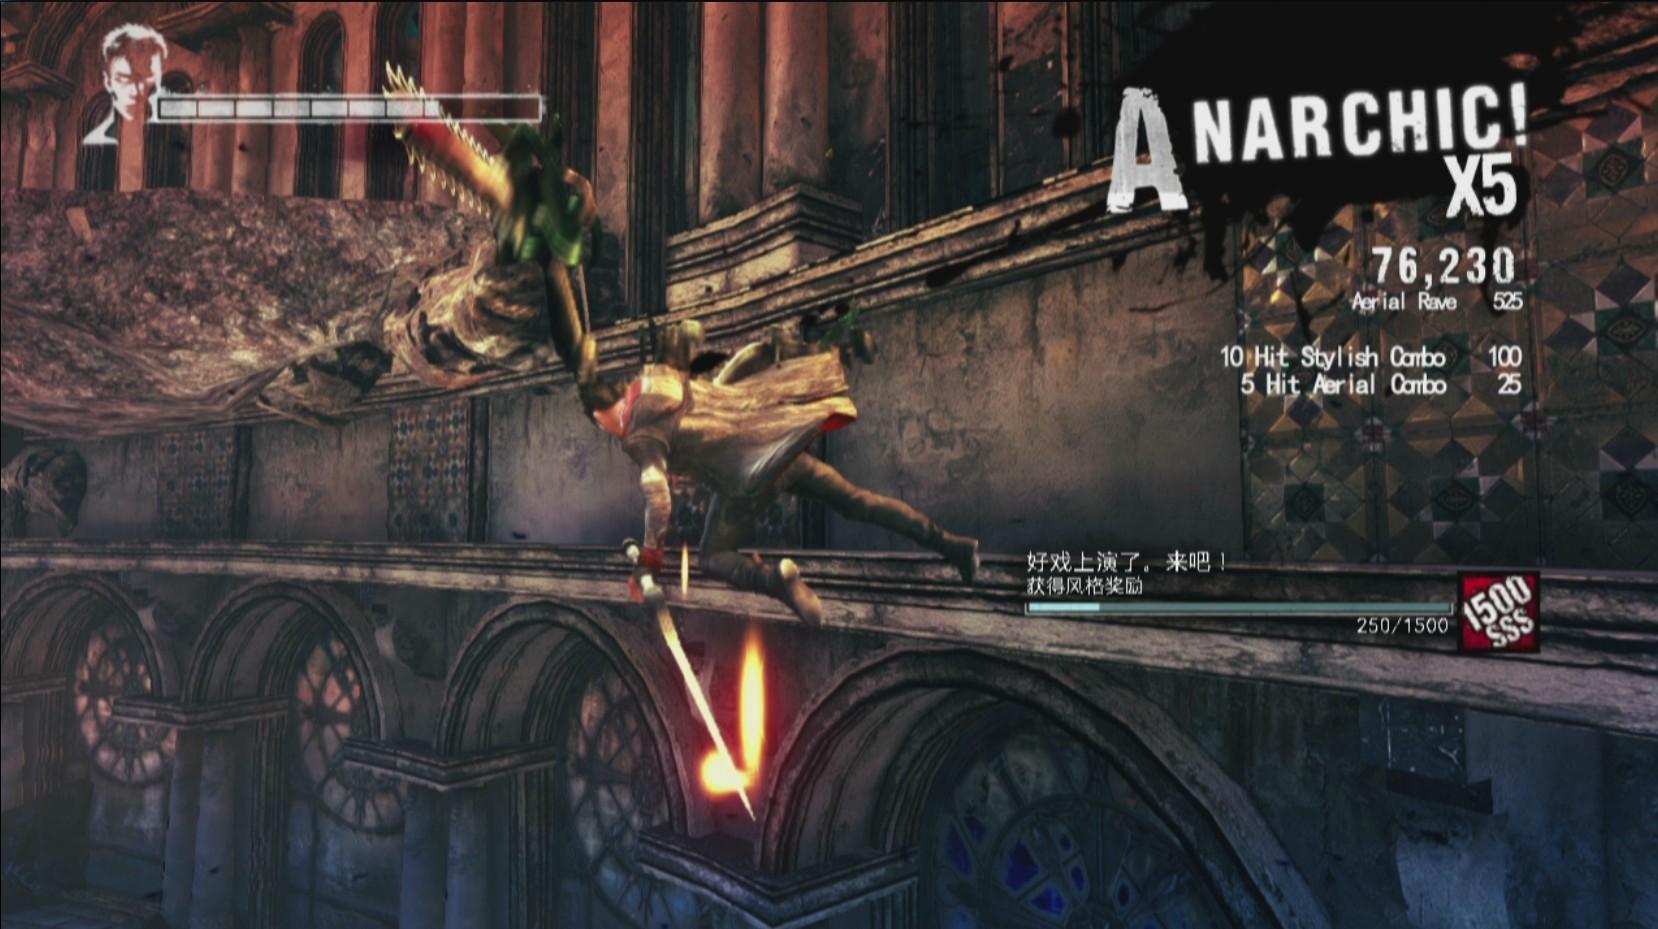 2013011310492772290 [PS4]《鬼泣:终极版》英文版   动作游戏的典范 鬼泣5 动作 PS4破解游戏 PS4游戏 PS4